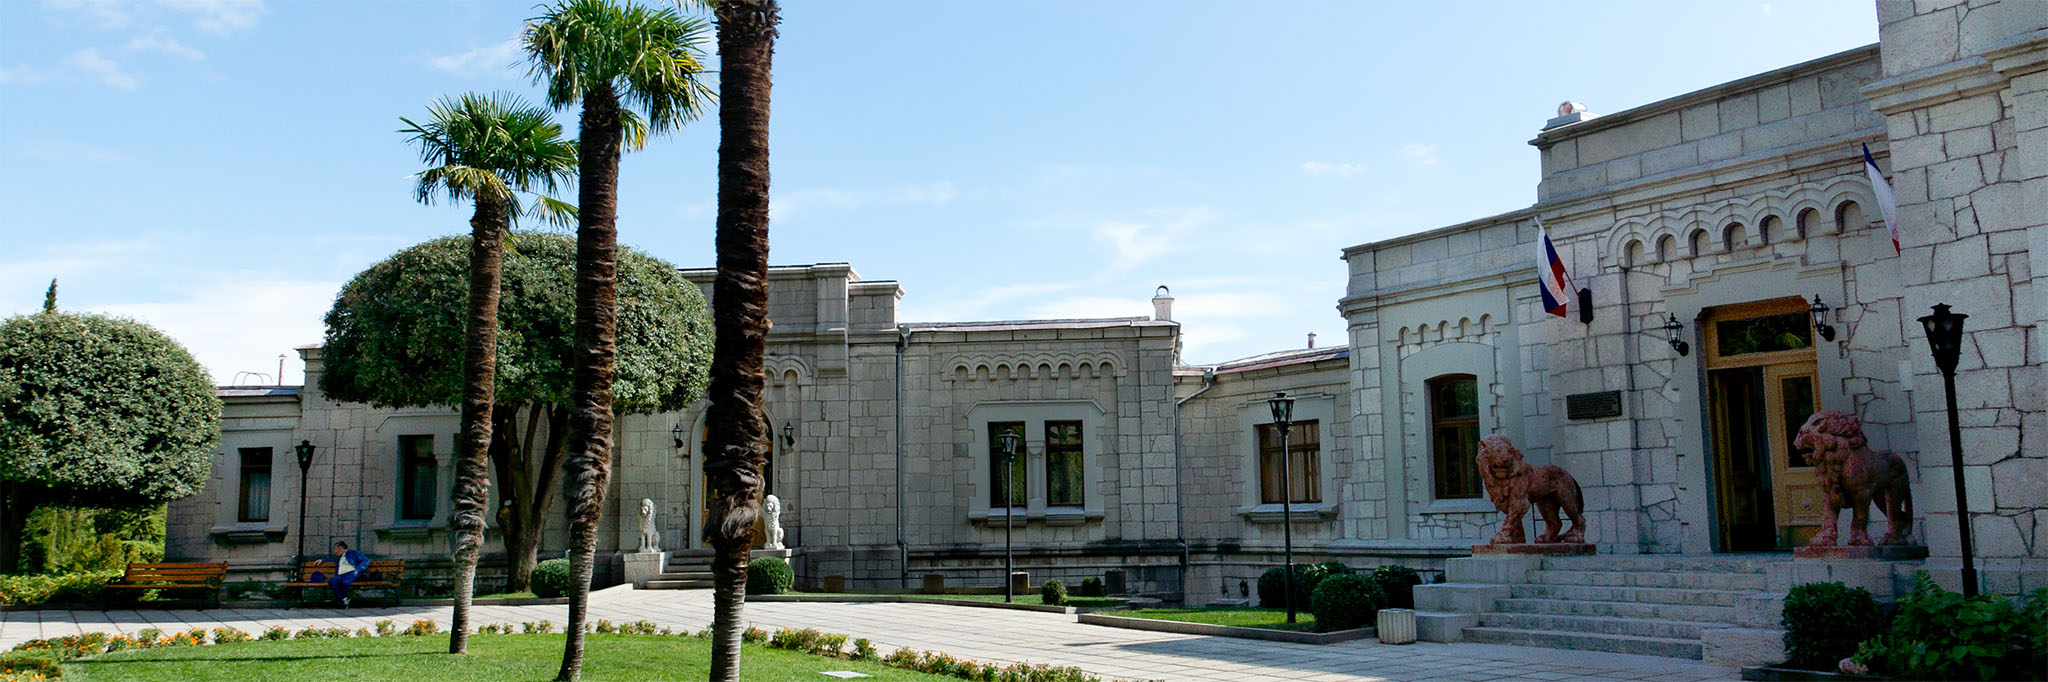 Картинки по запросу крым Юсуповский дворец